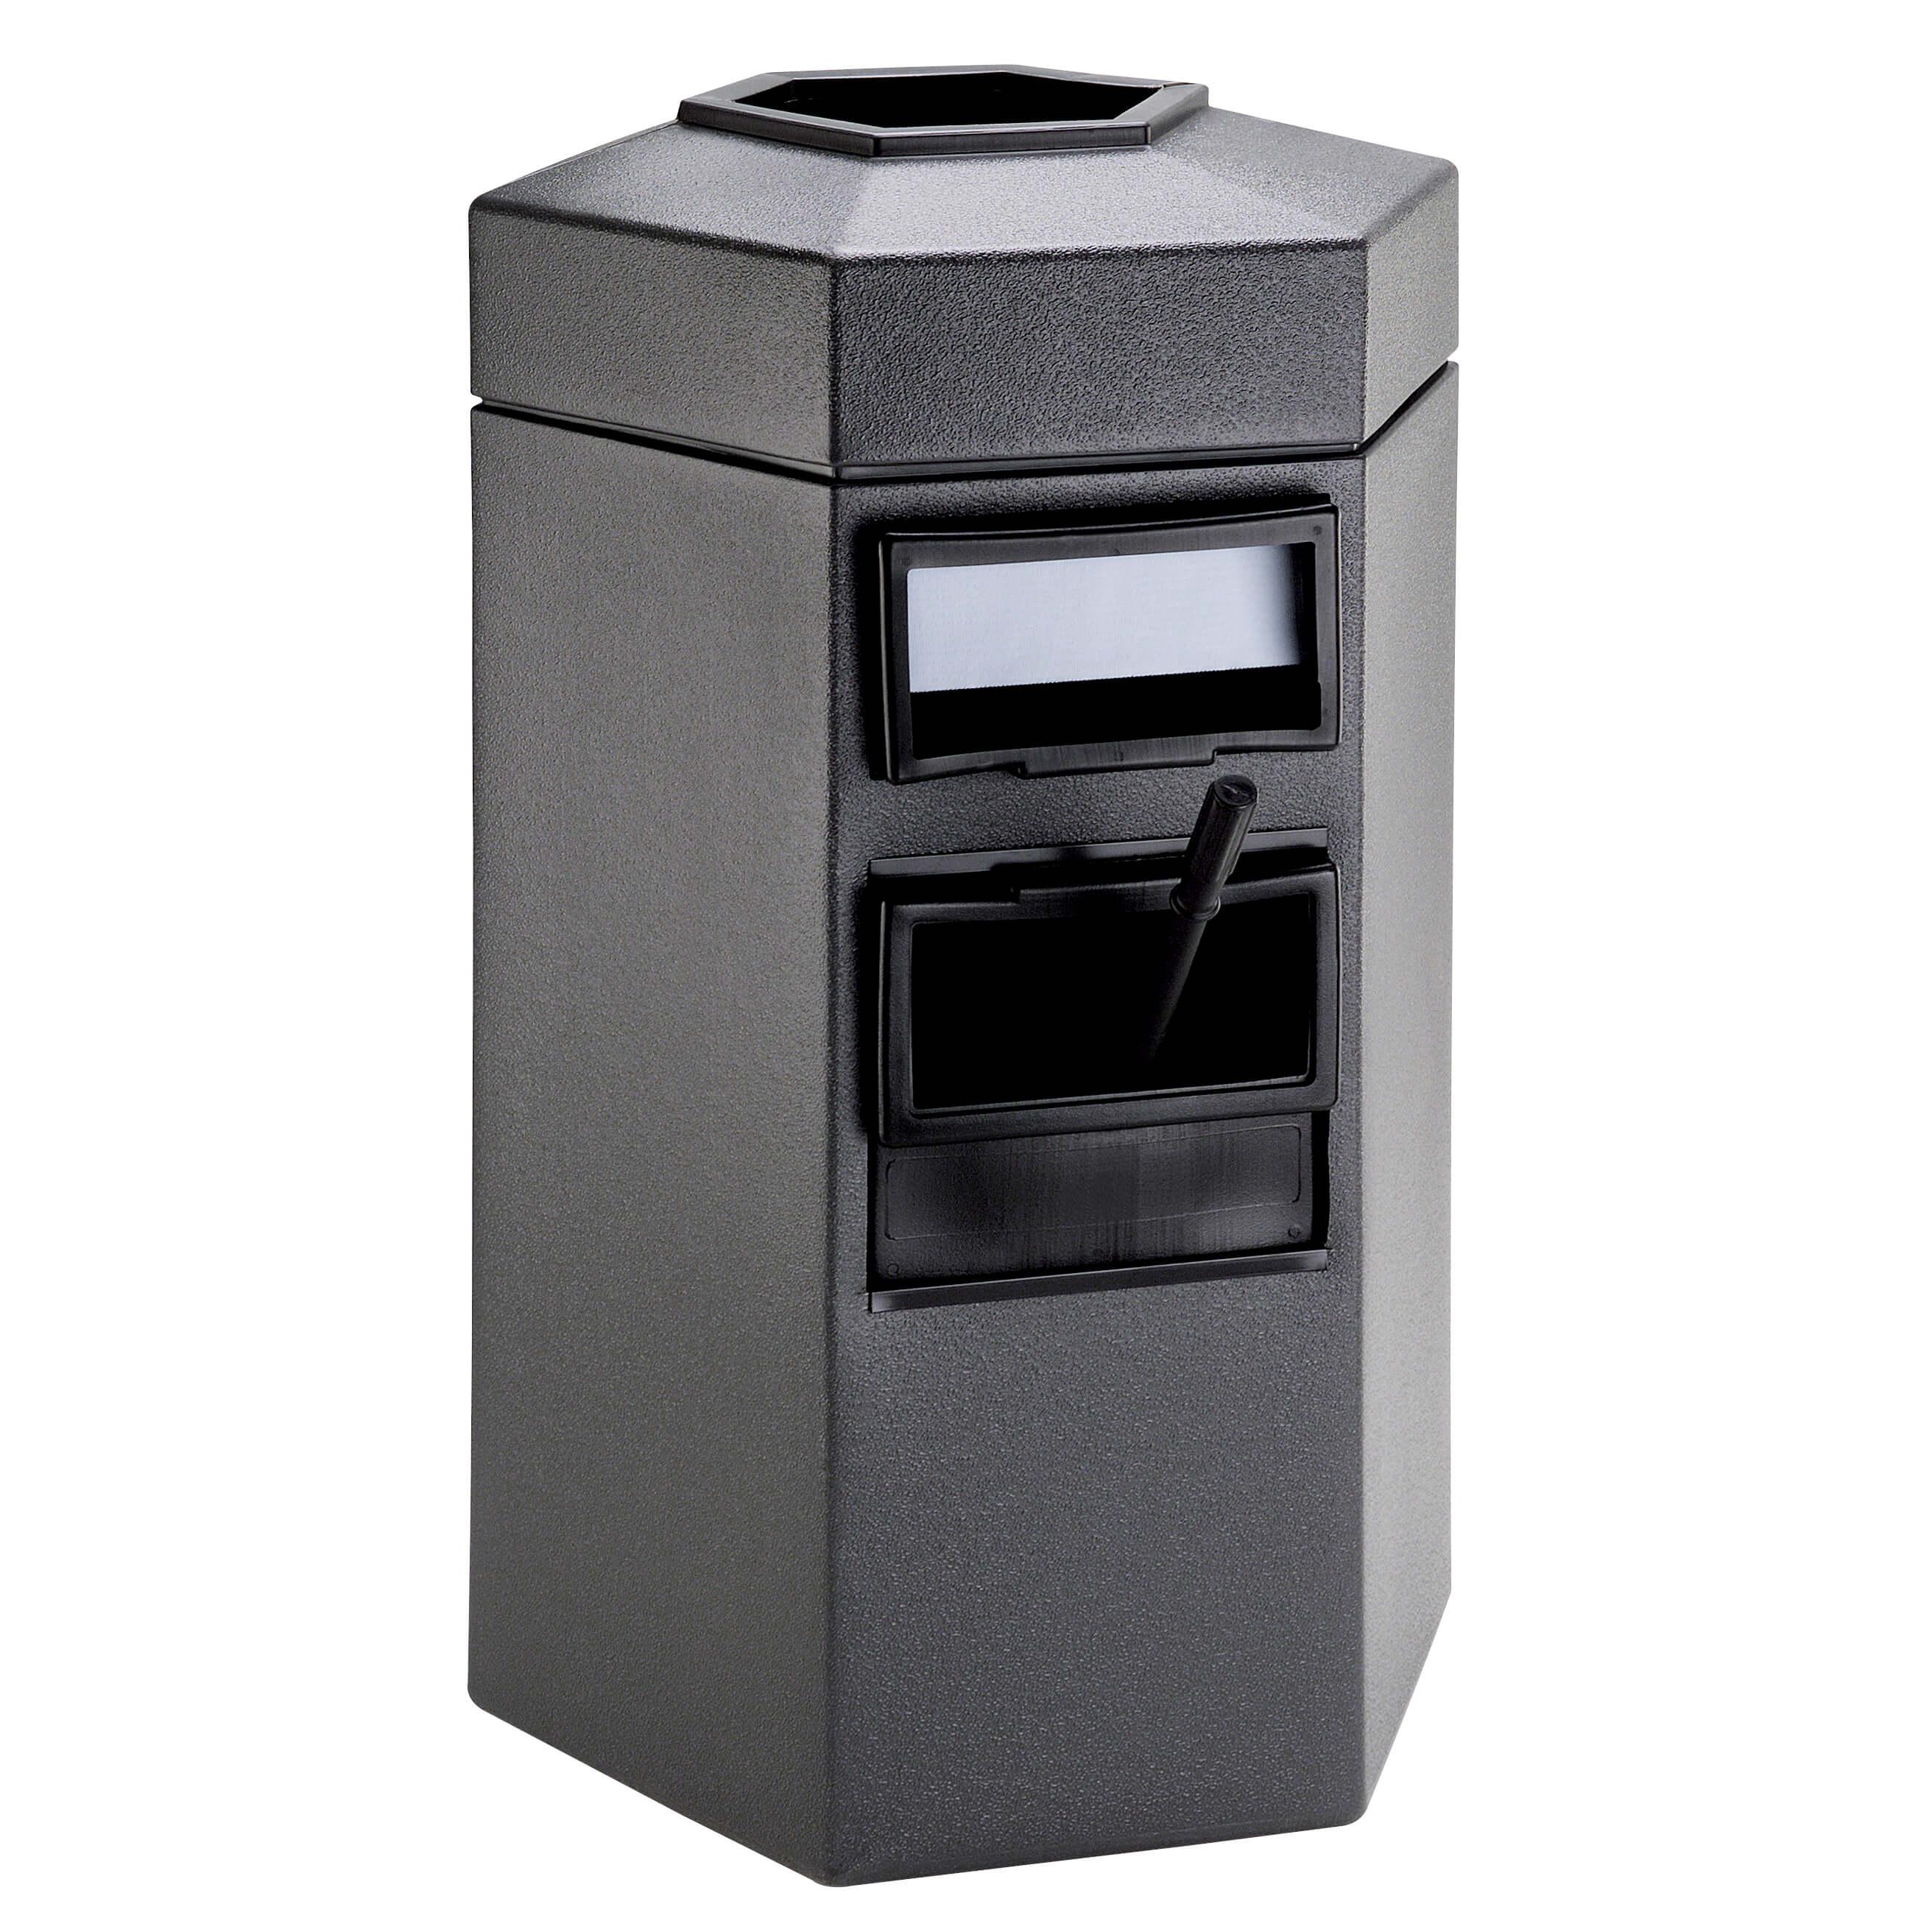 Image Result For Restroom Trash Cans